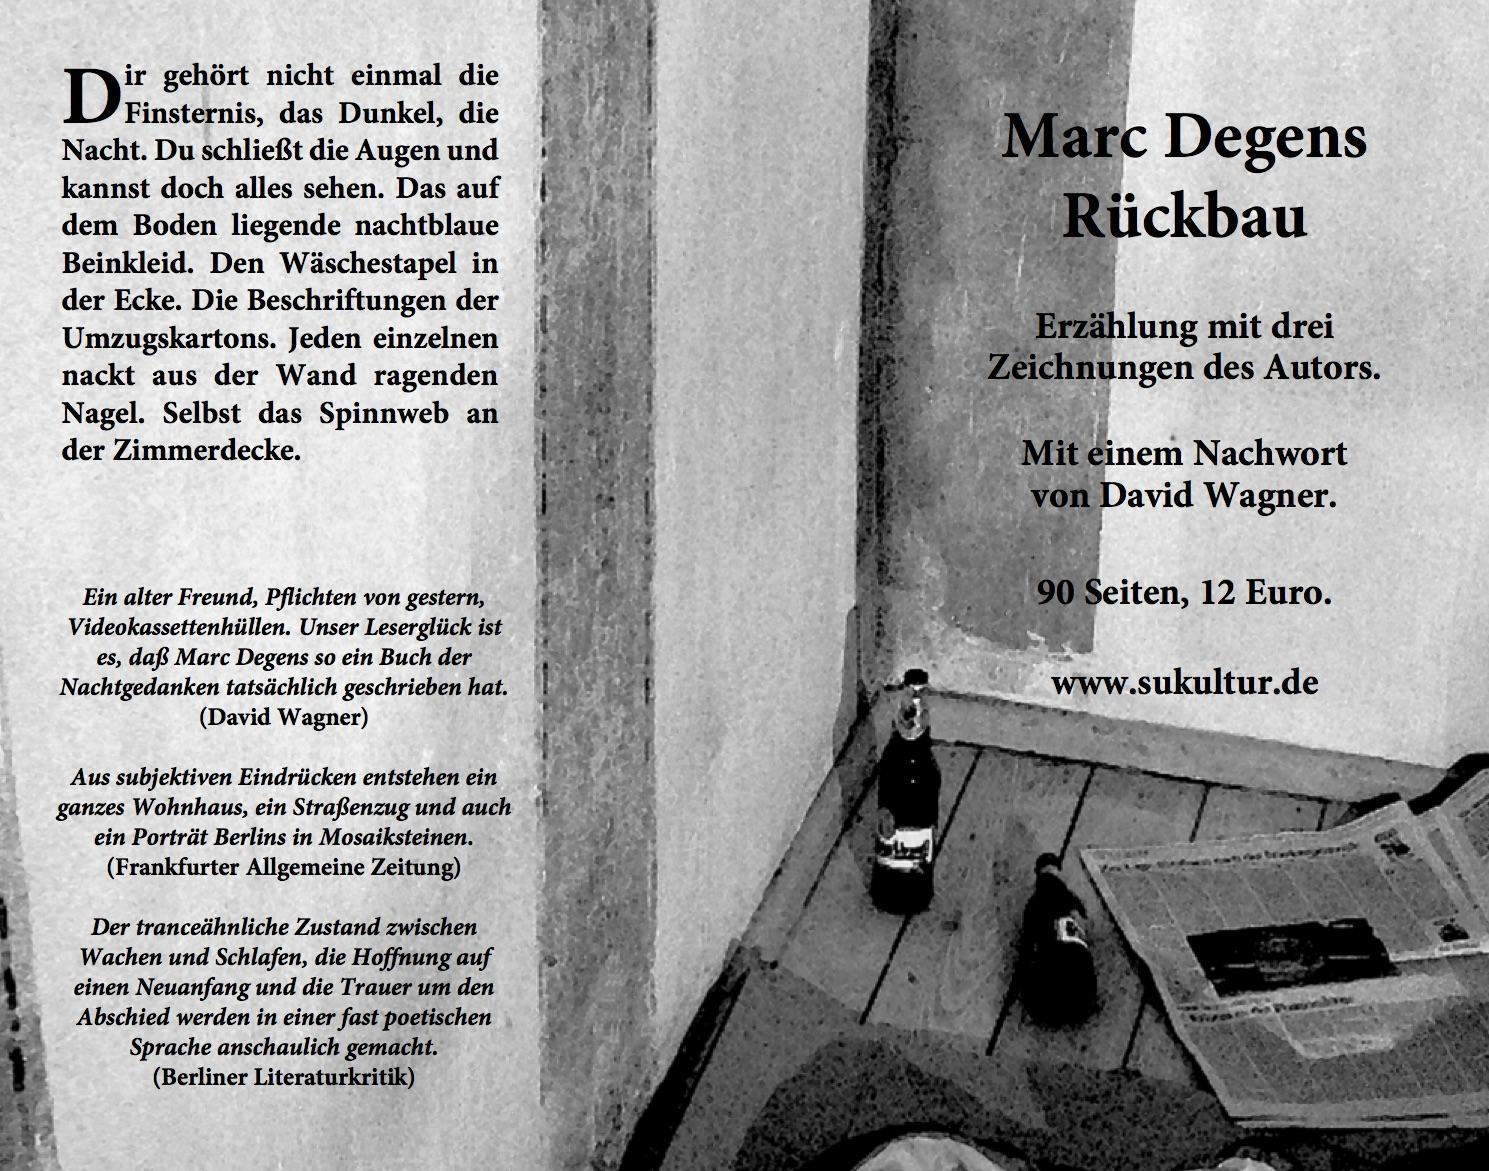 rückbau-anzeige (2006)